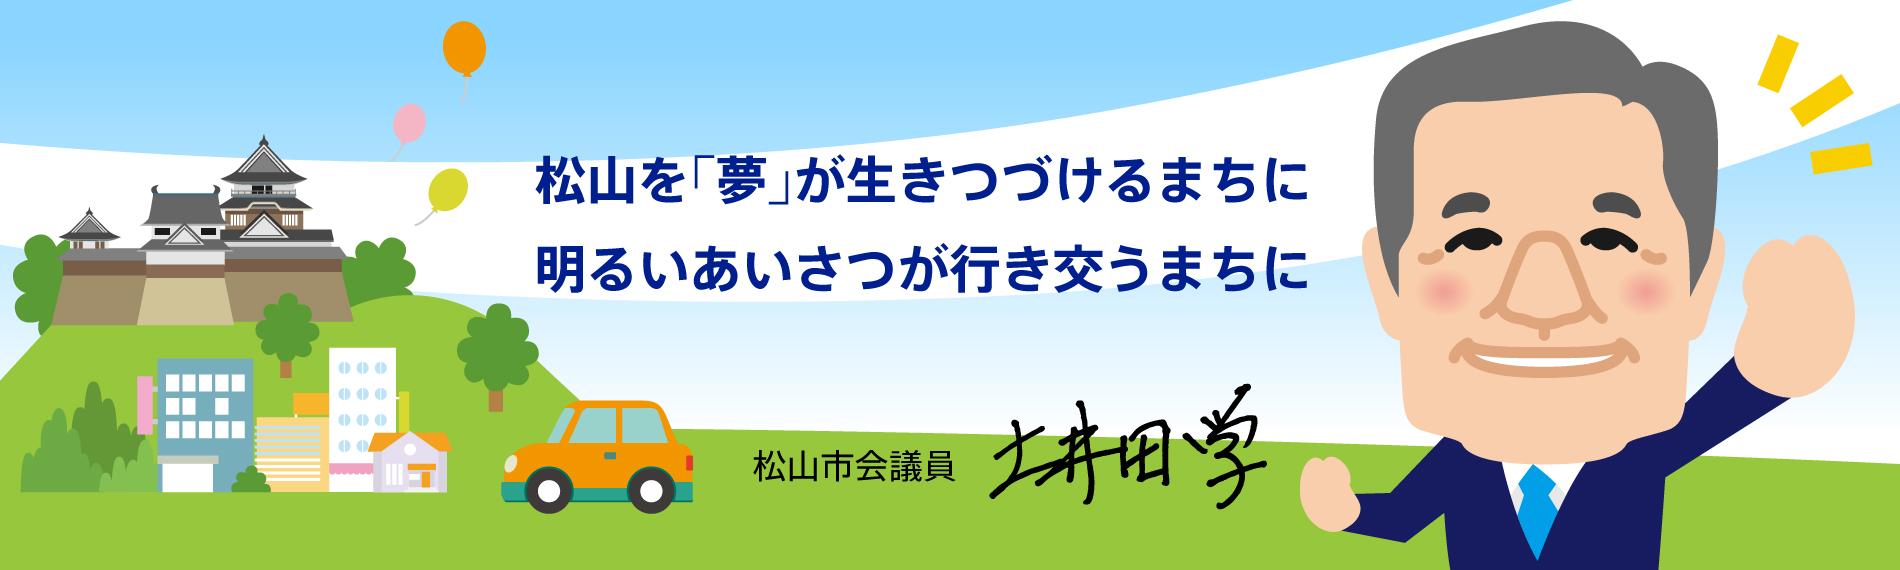 松山を「夢」が生きつづけるまちに、明るいあいさつが行き交うまちに